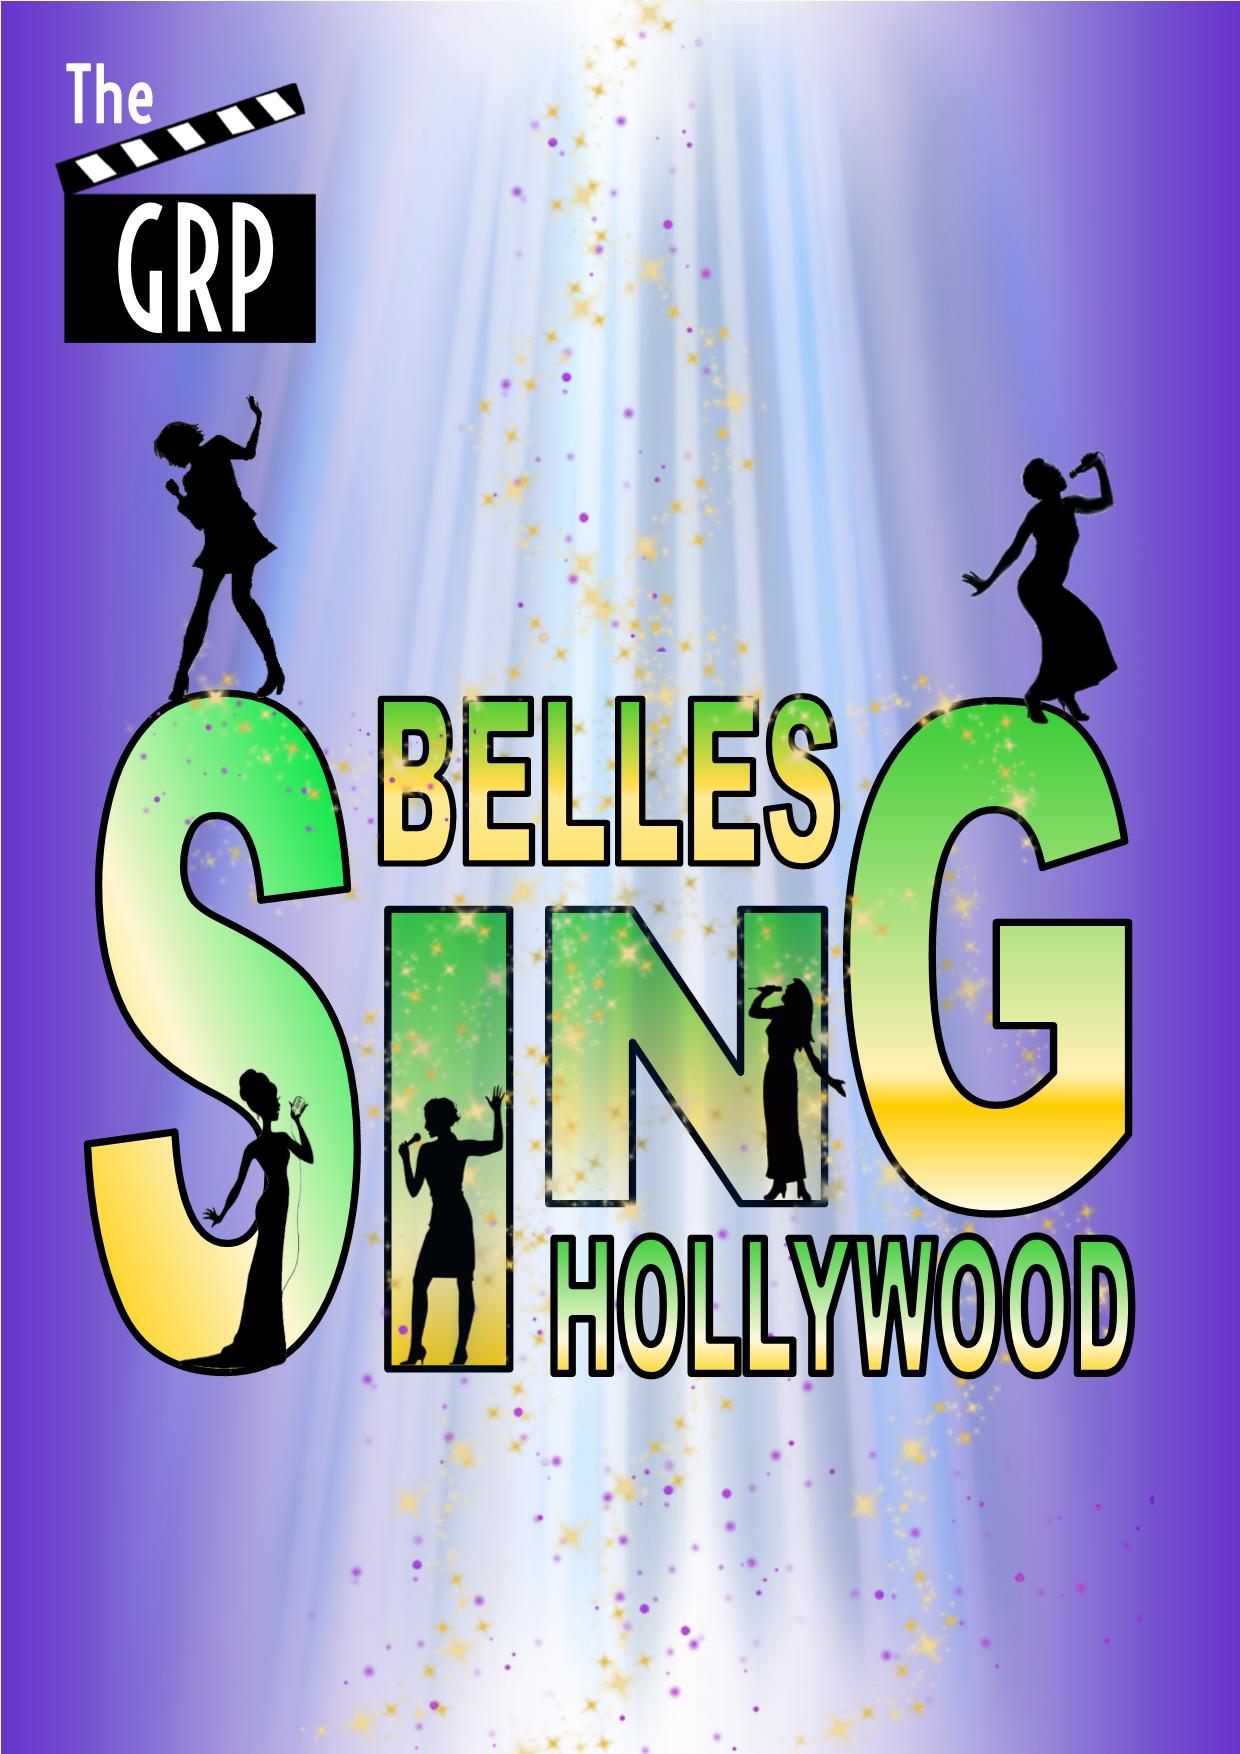 Belles Sing Hollywood.png